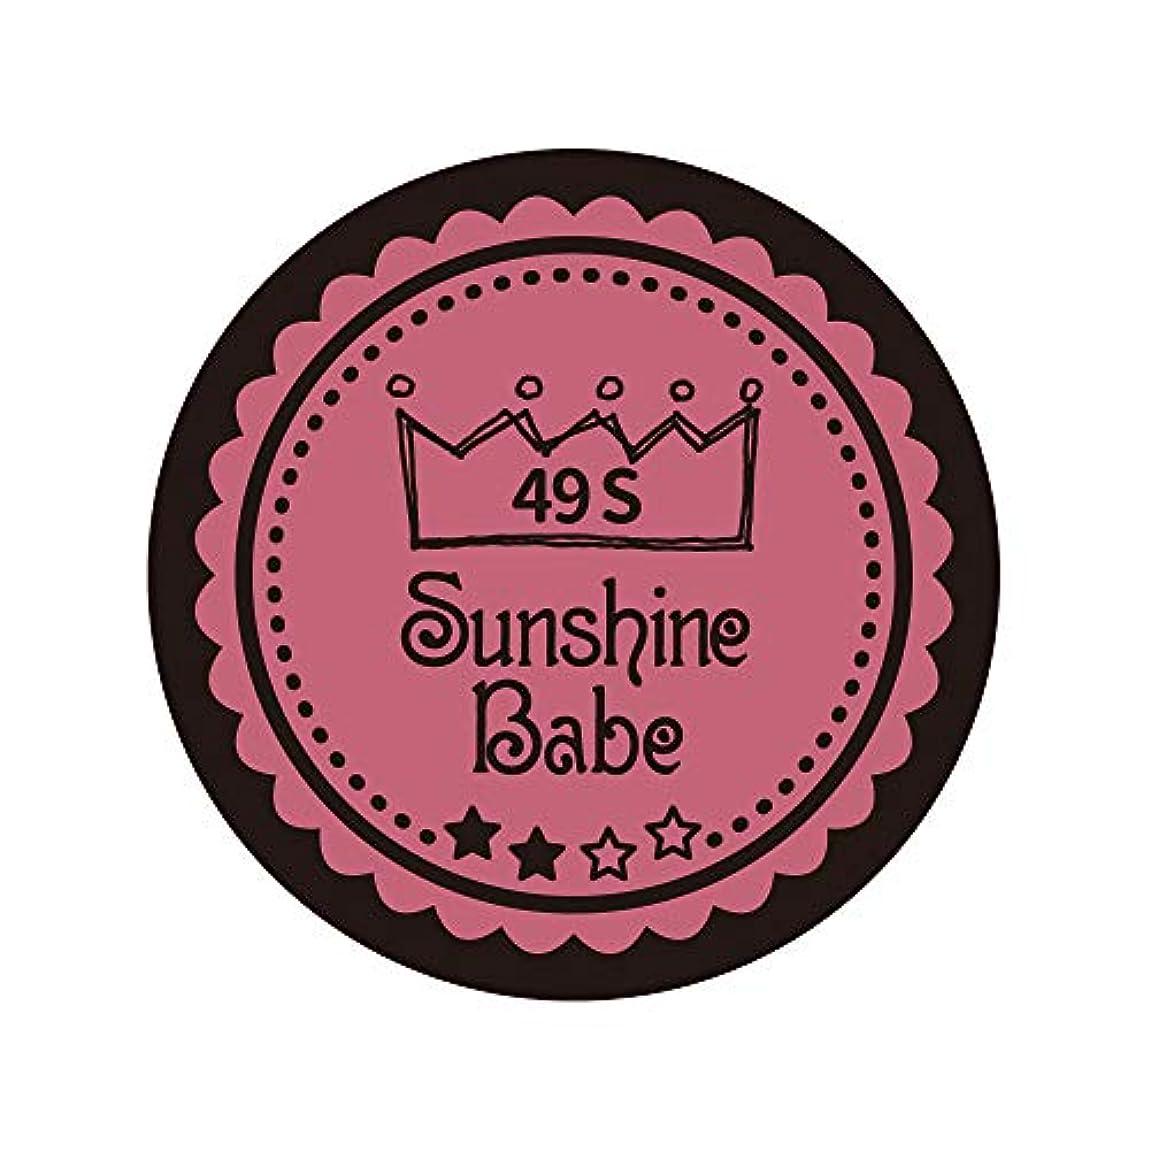 トムオードリース靴下中にSunshine Babe カラージェル 49S カシミアピンク 2.7g UV/LED対応